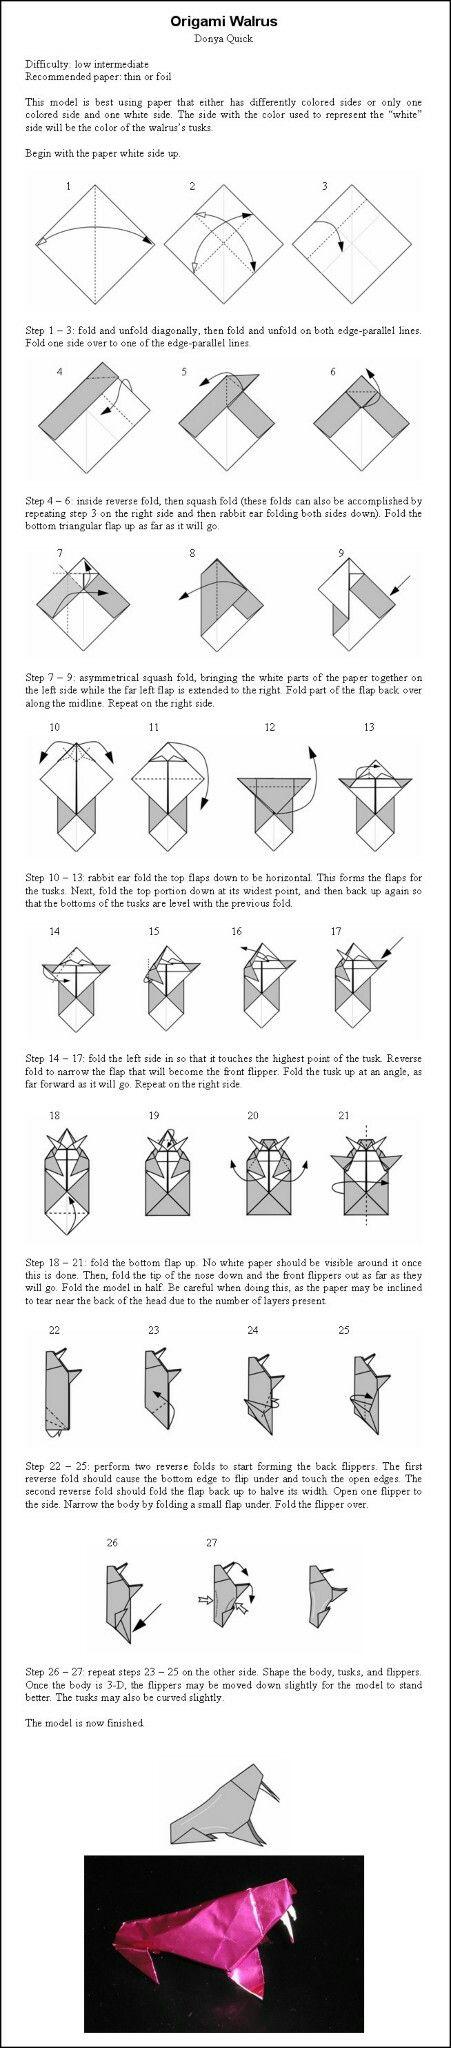 11 best origami images on pinterest origami animals bricolage origami walrus instructions by donyaquick on deviantart jeuxipadfo Choice Image